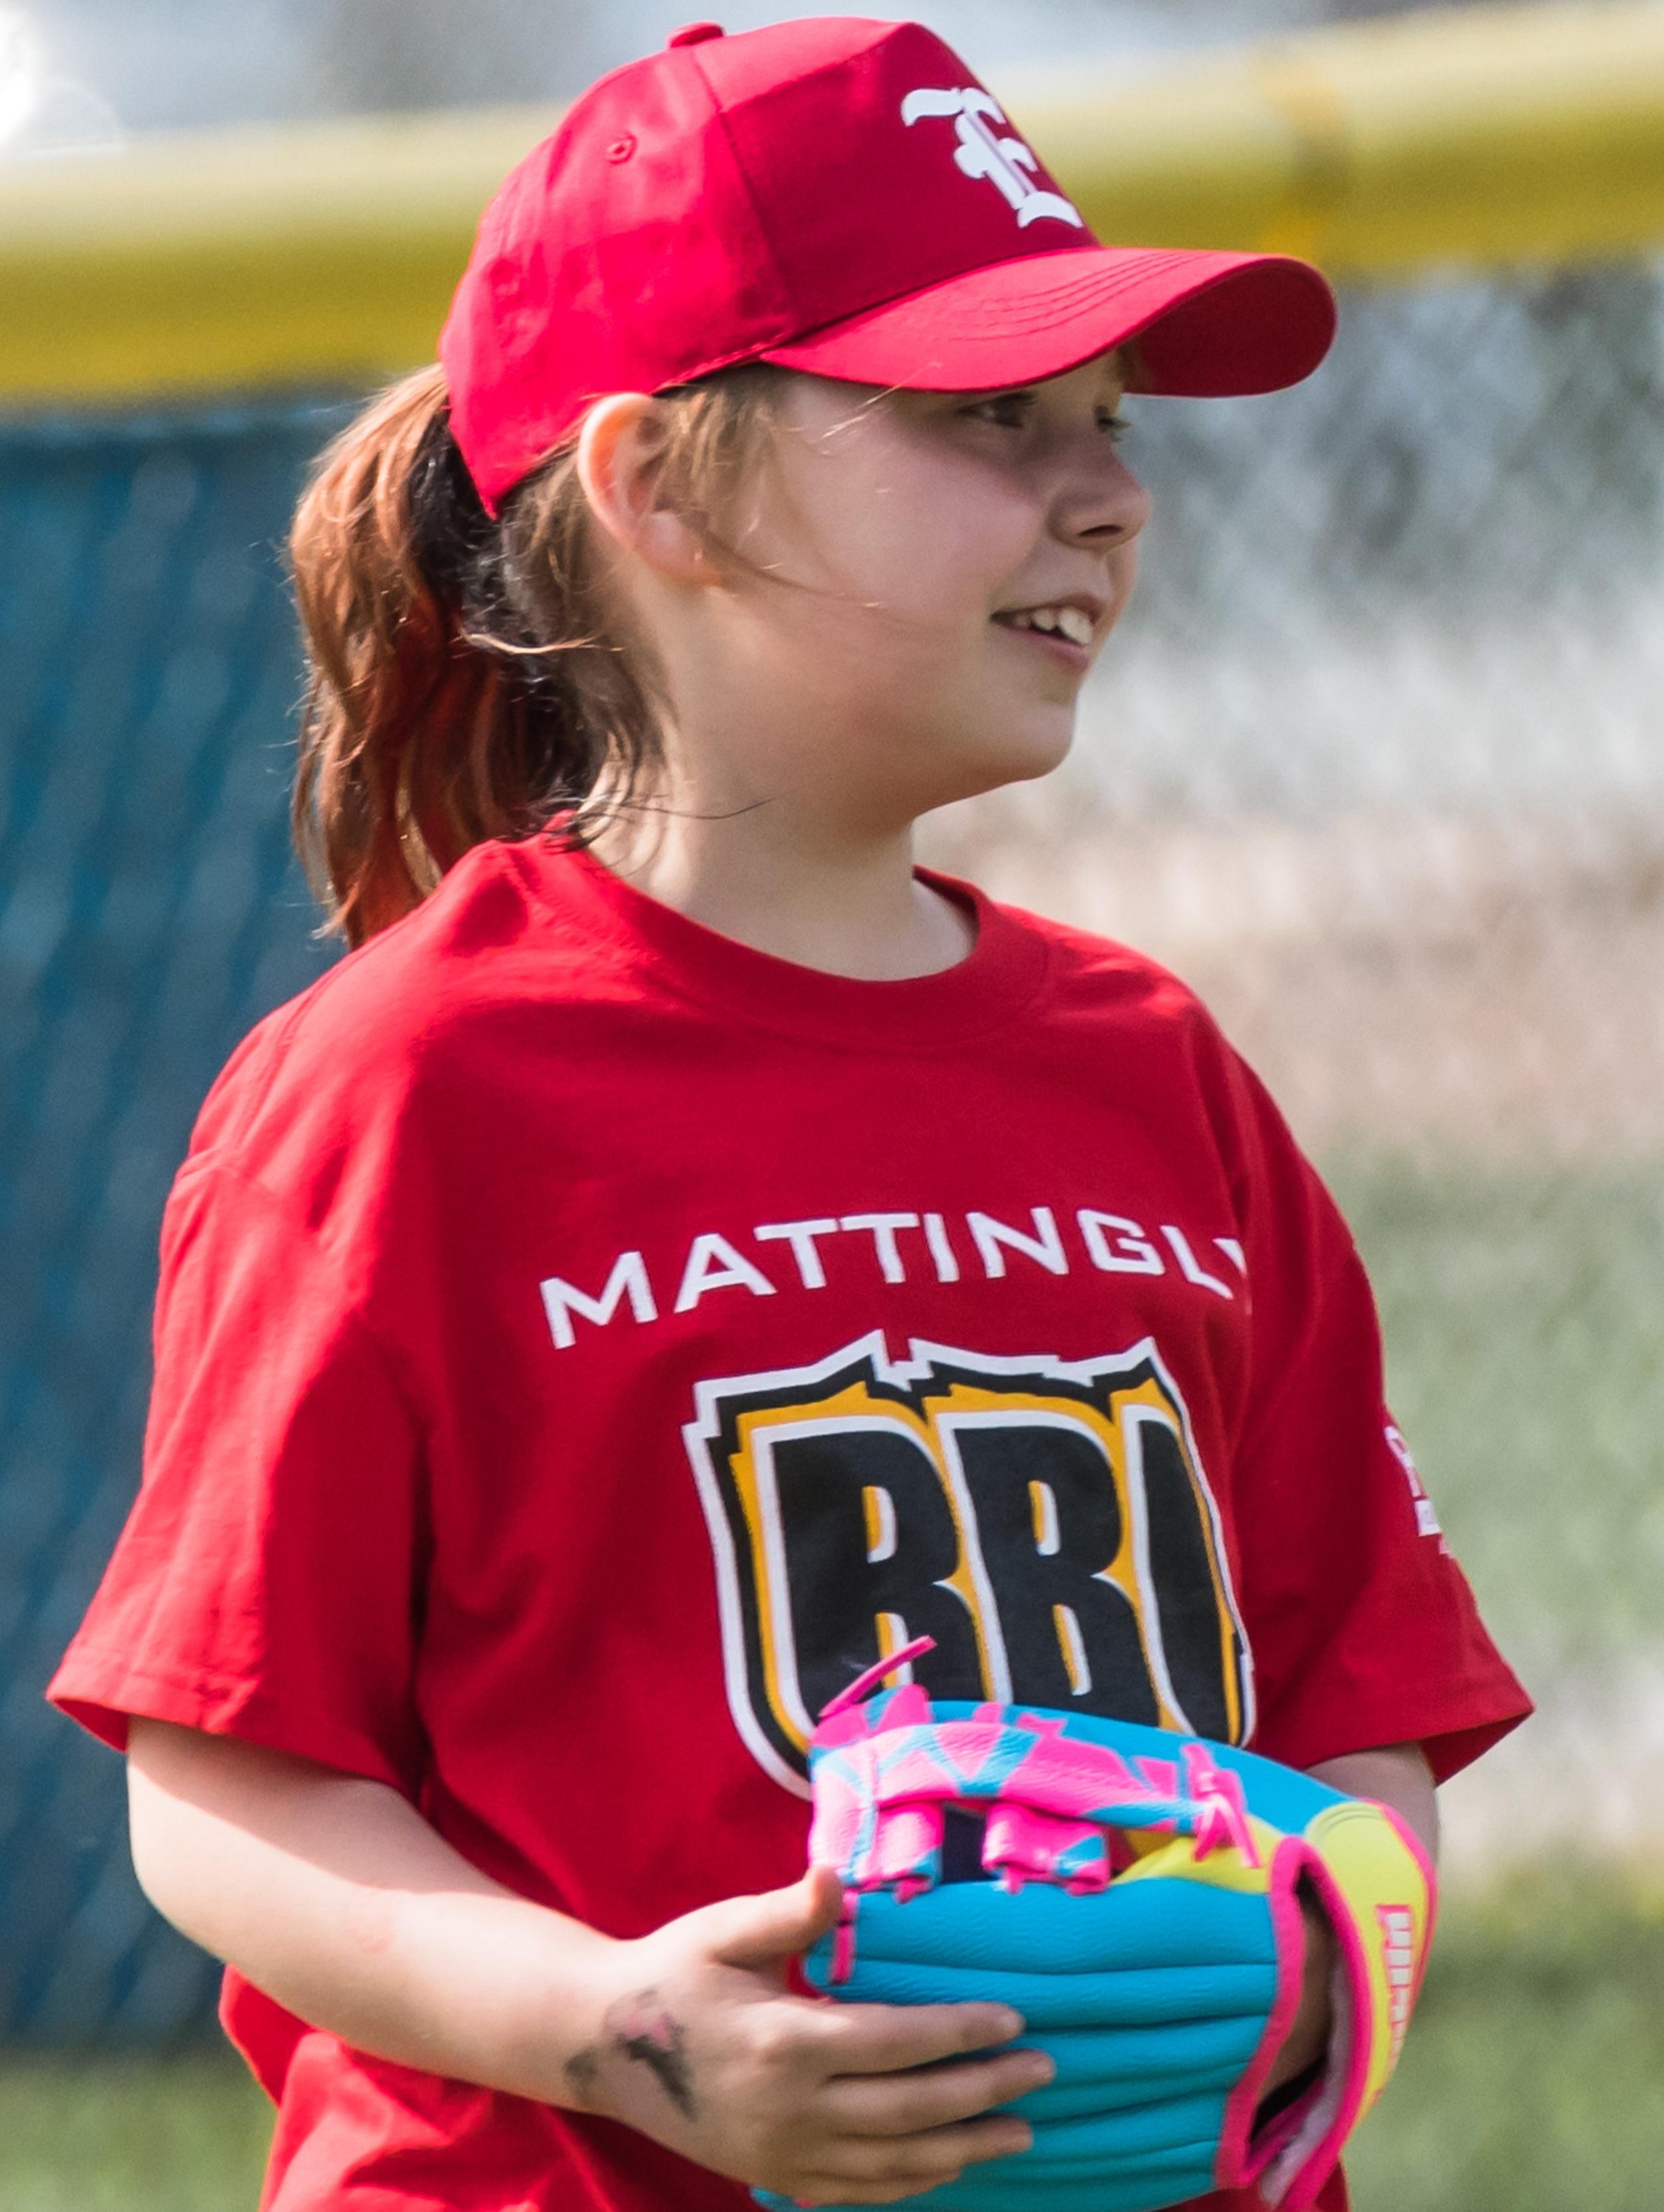 MattinglyRBIBaseball2444817-1-of-1.jpg